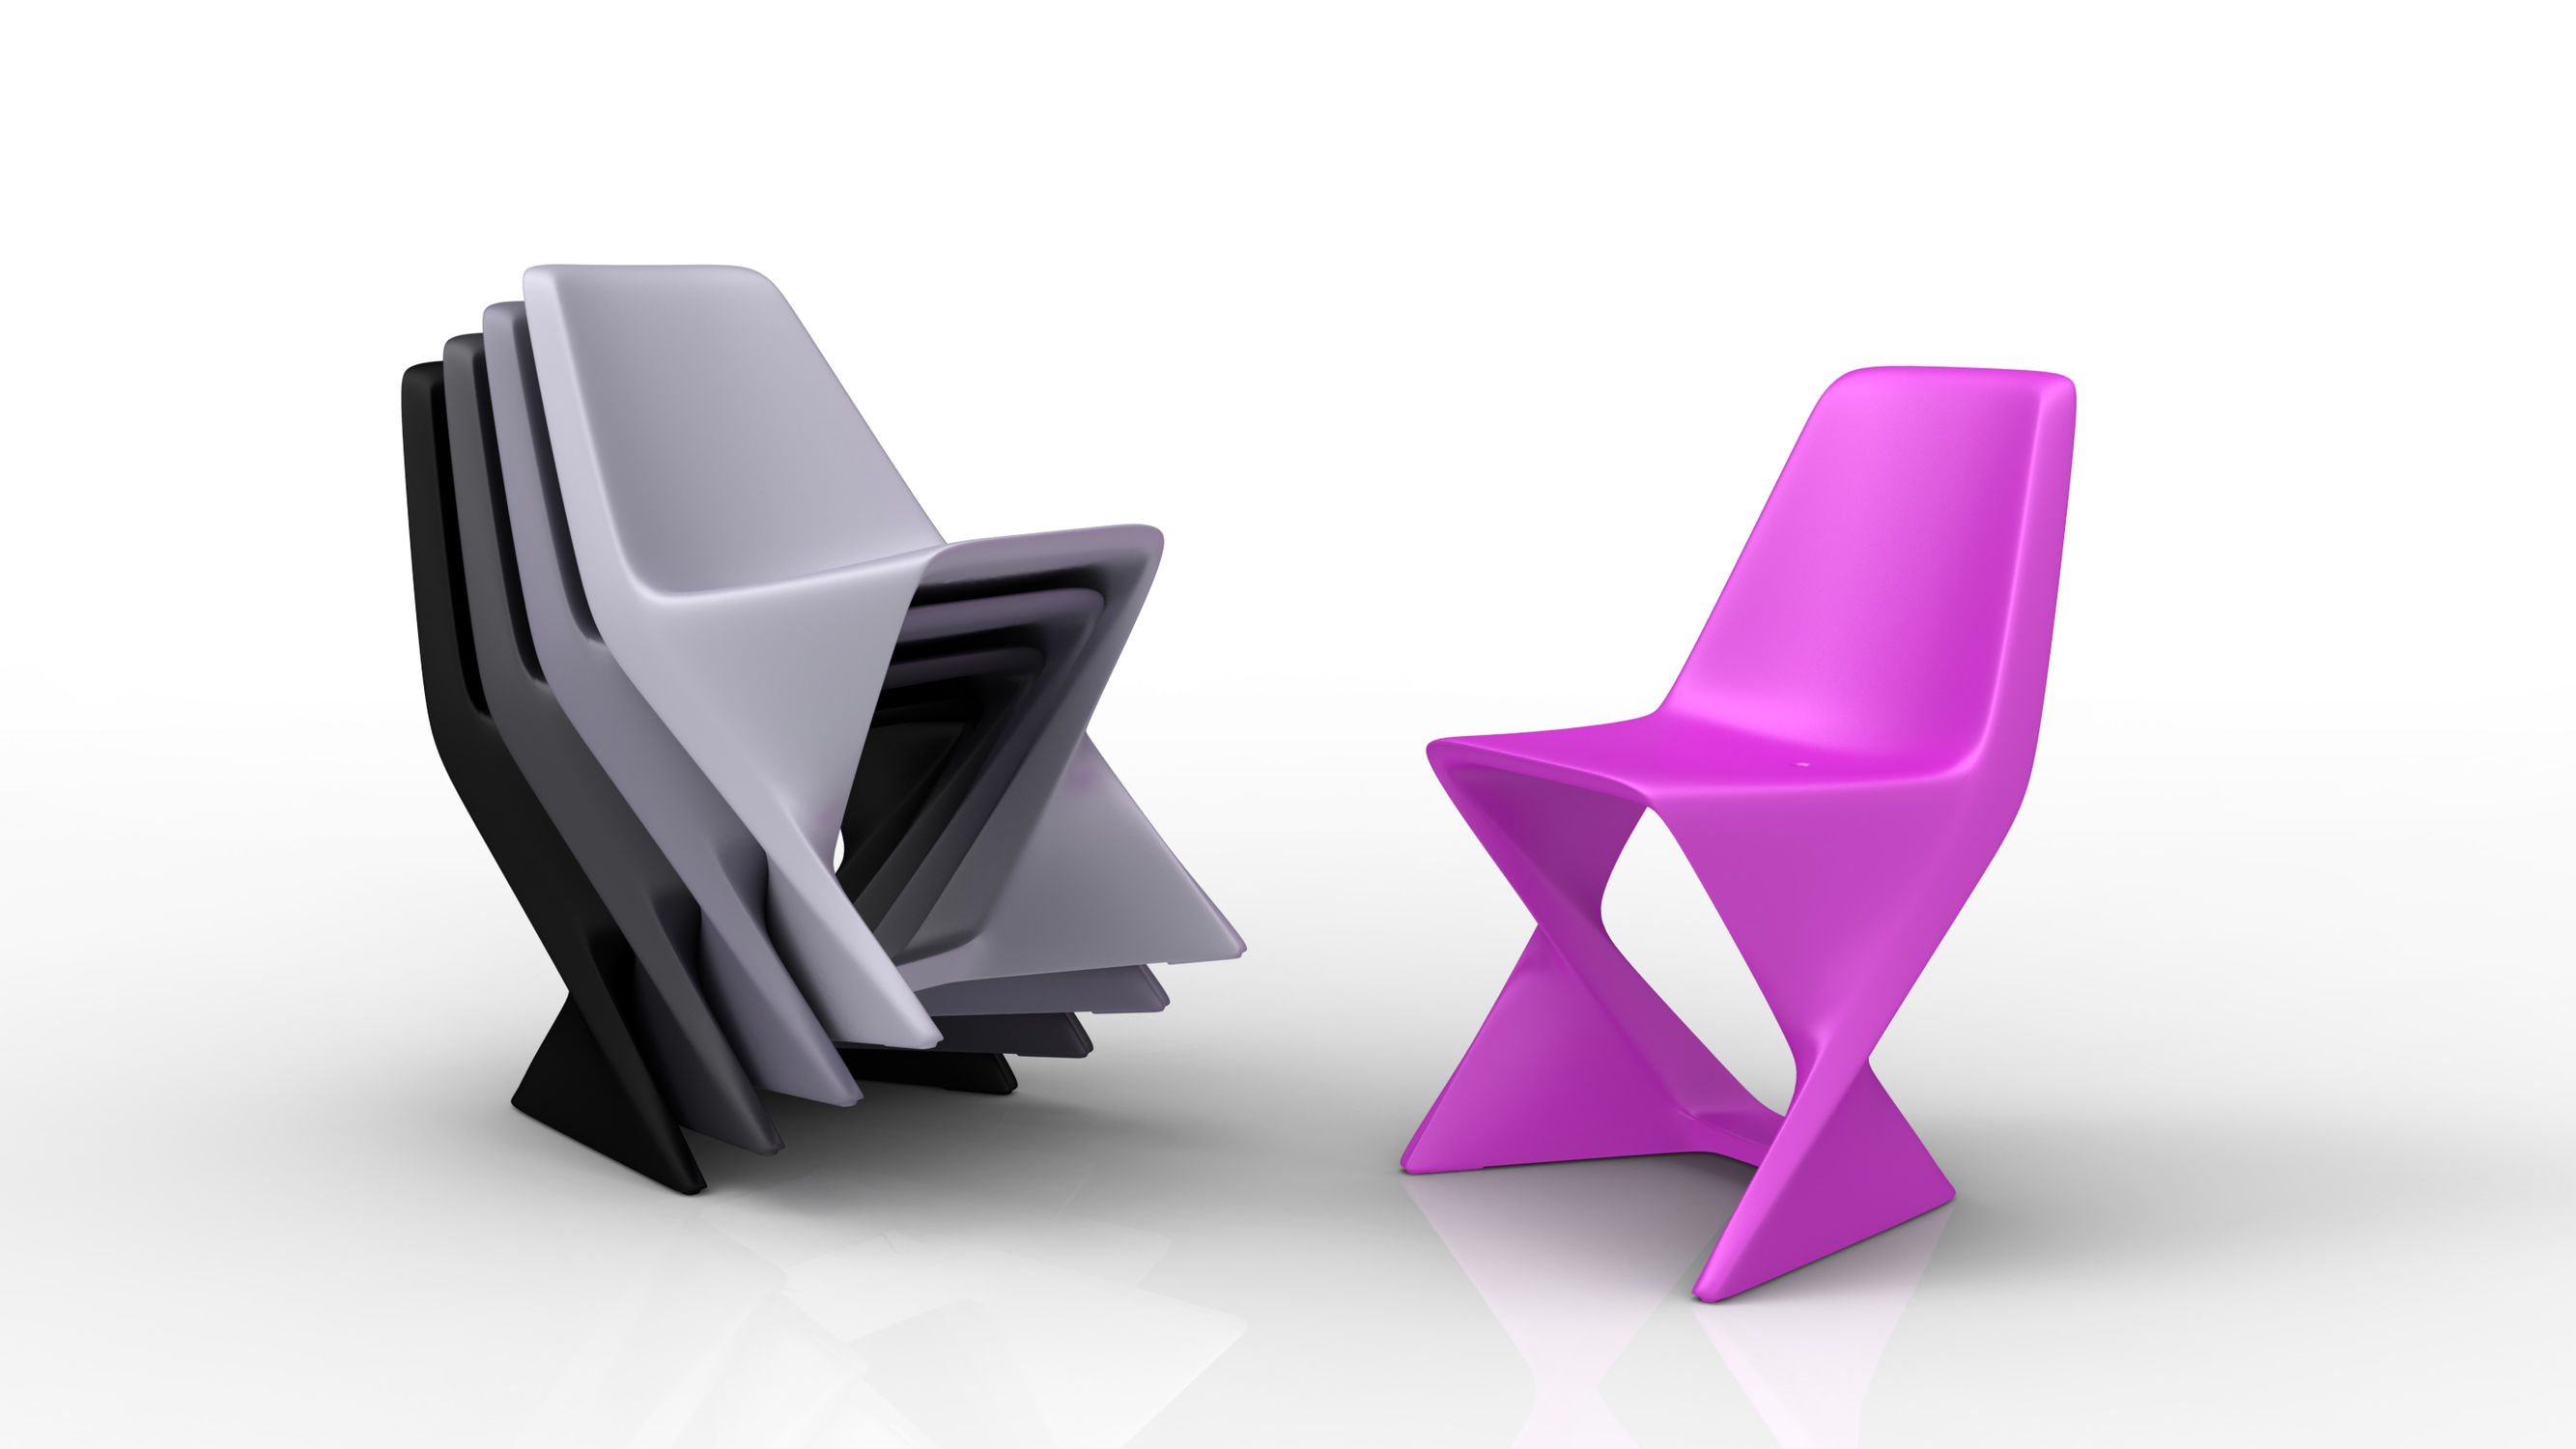 Chaise de jardin design Pop / empilable / en polymère - ISO by ...